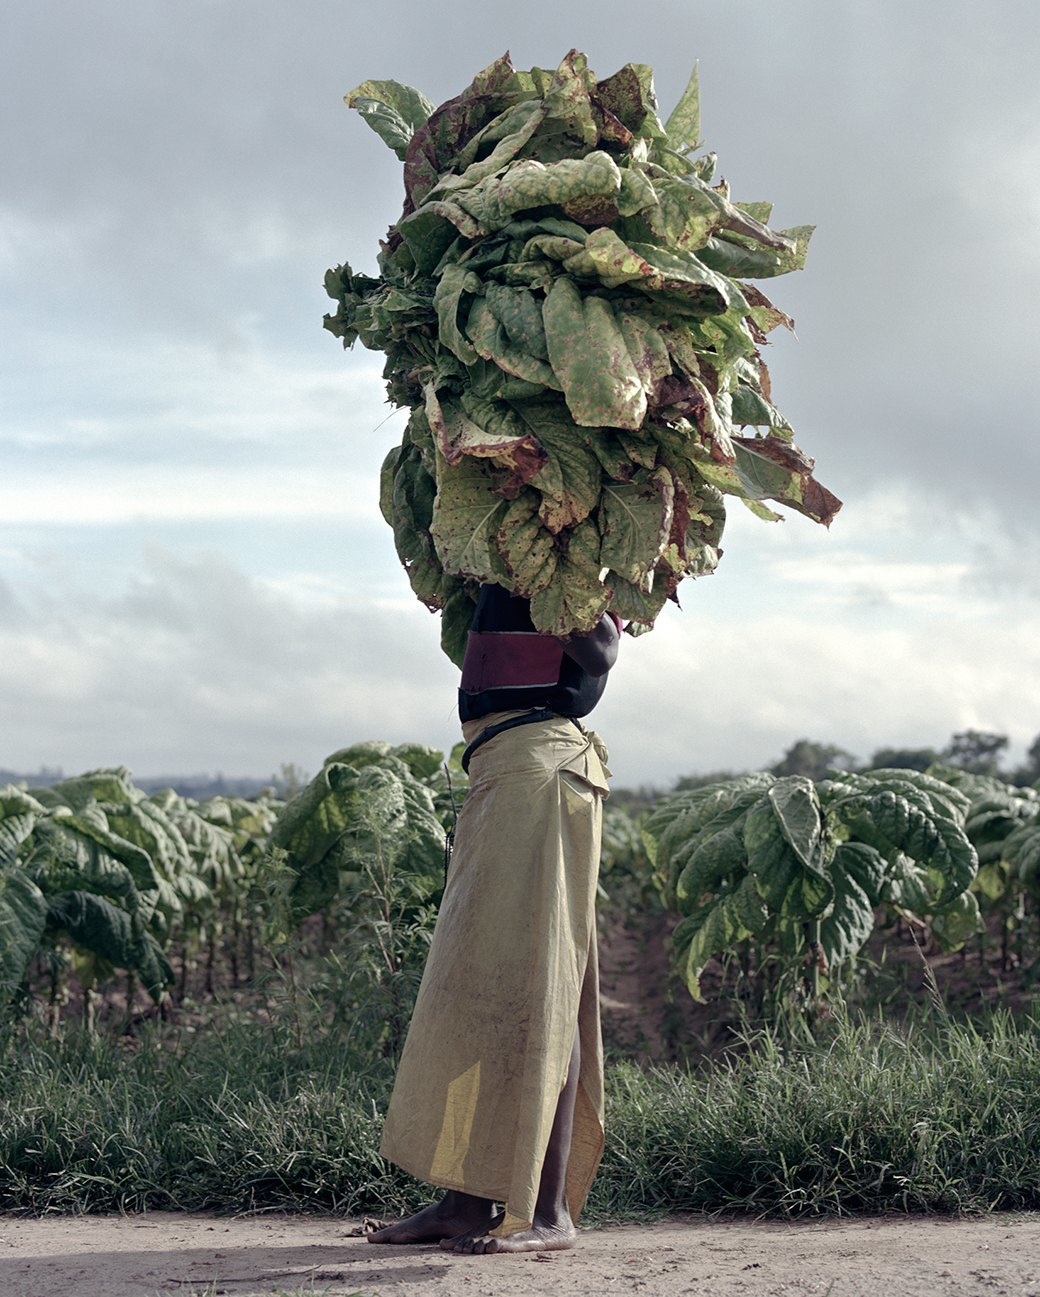 «Местность»: Обезличенный труд африканских крестьян. Изображение № 3.